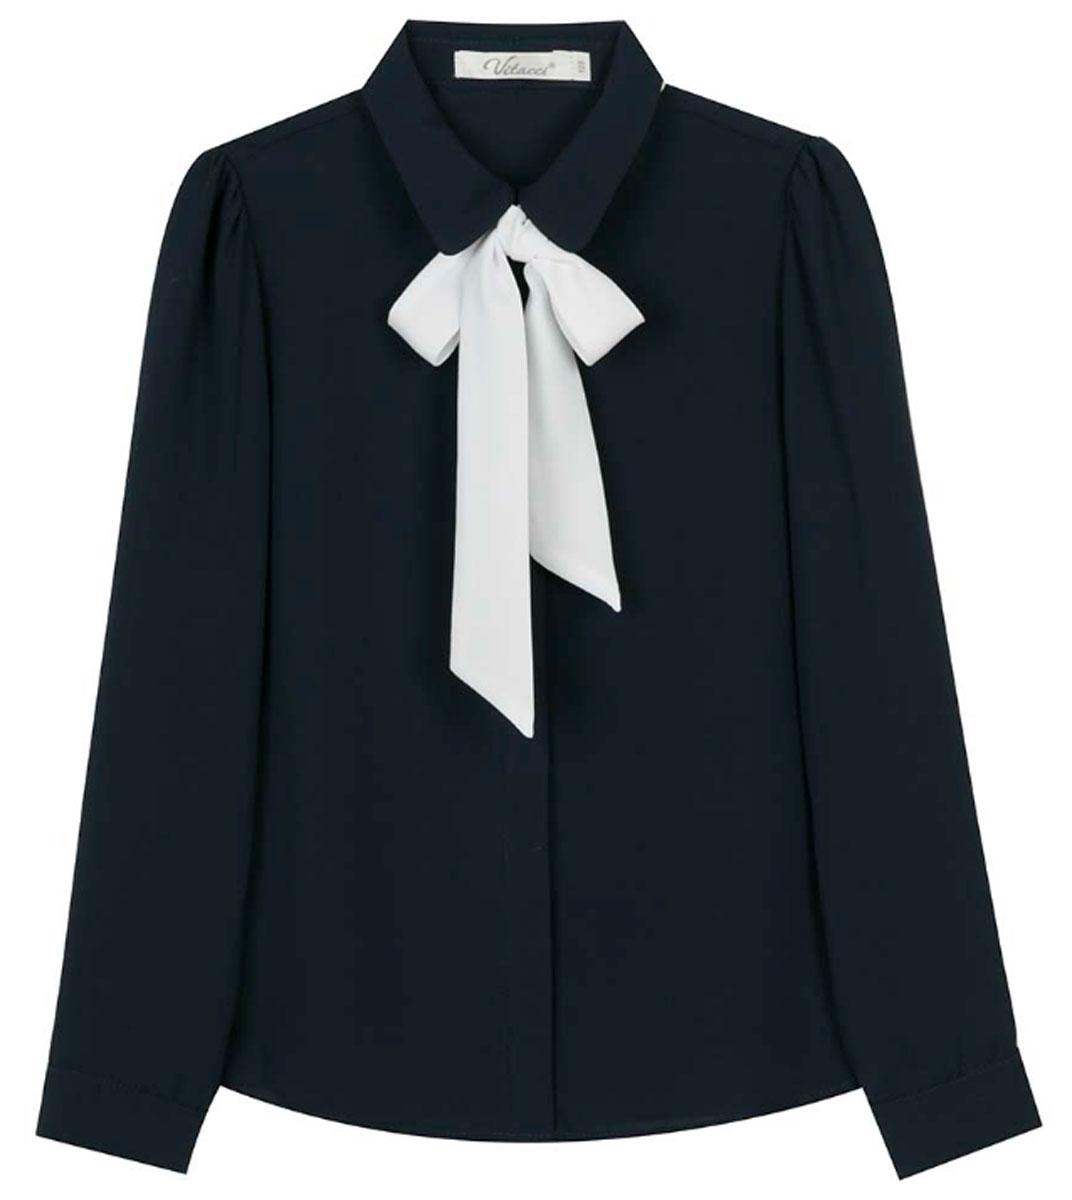 Блузка для девочки Vitacci, цвет: синий. 2173224L-04. Размер 1462173224L-04Шифоновая блузка для девочки Vitacci выполнена из 100% полиэстера. Модель имеет длинные рукава и отложной воротник, украшенный контрастным бантом. Застегивается на пуговицы, скрытые планкой. Классическая блузка отлично подойдет для школы.